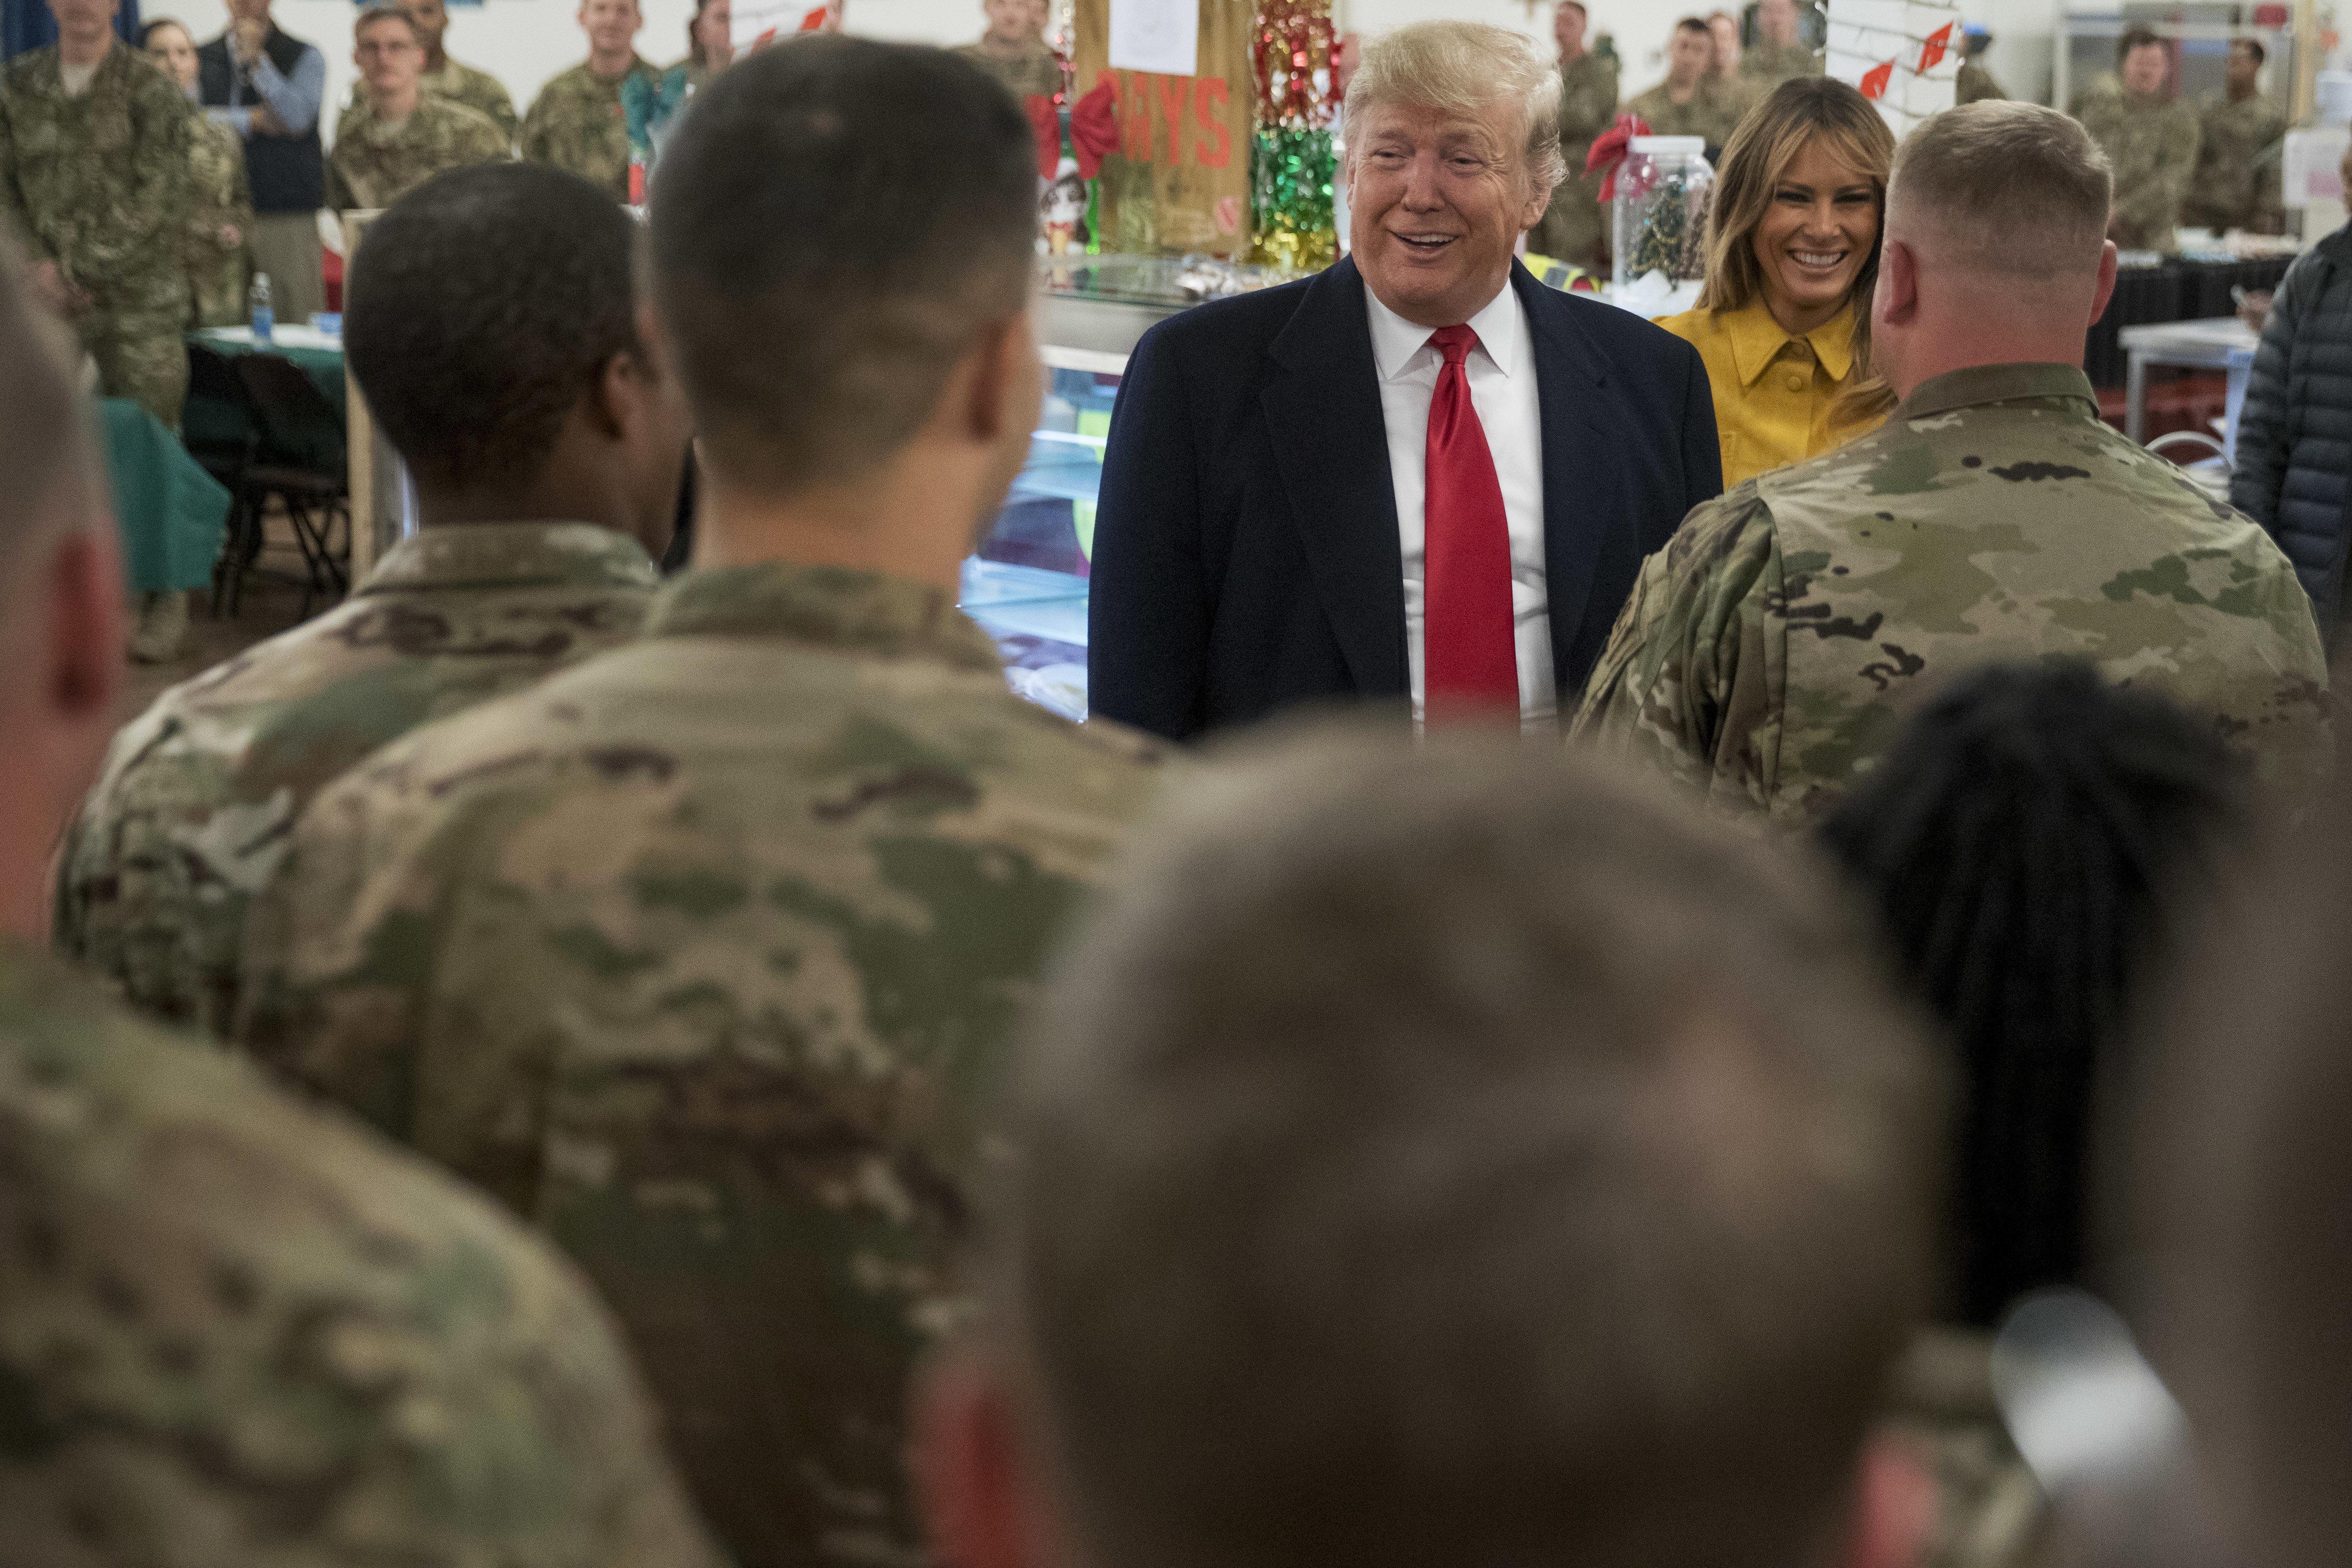 Χριστουγεννιάτικη επίσκεψη- έκπληξη του Τραμπ στα αμερικανικά στρατεύματα στο